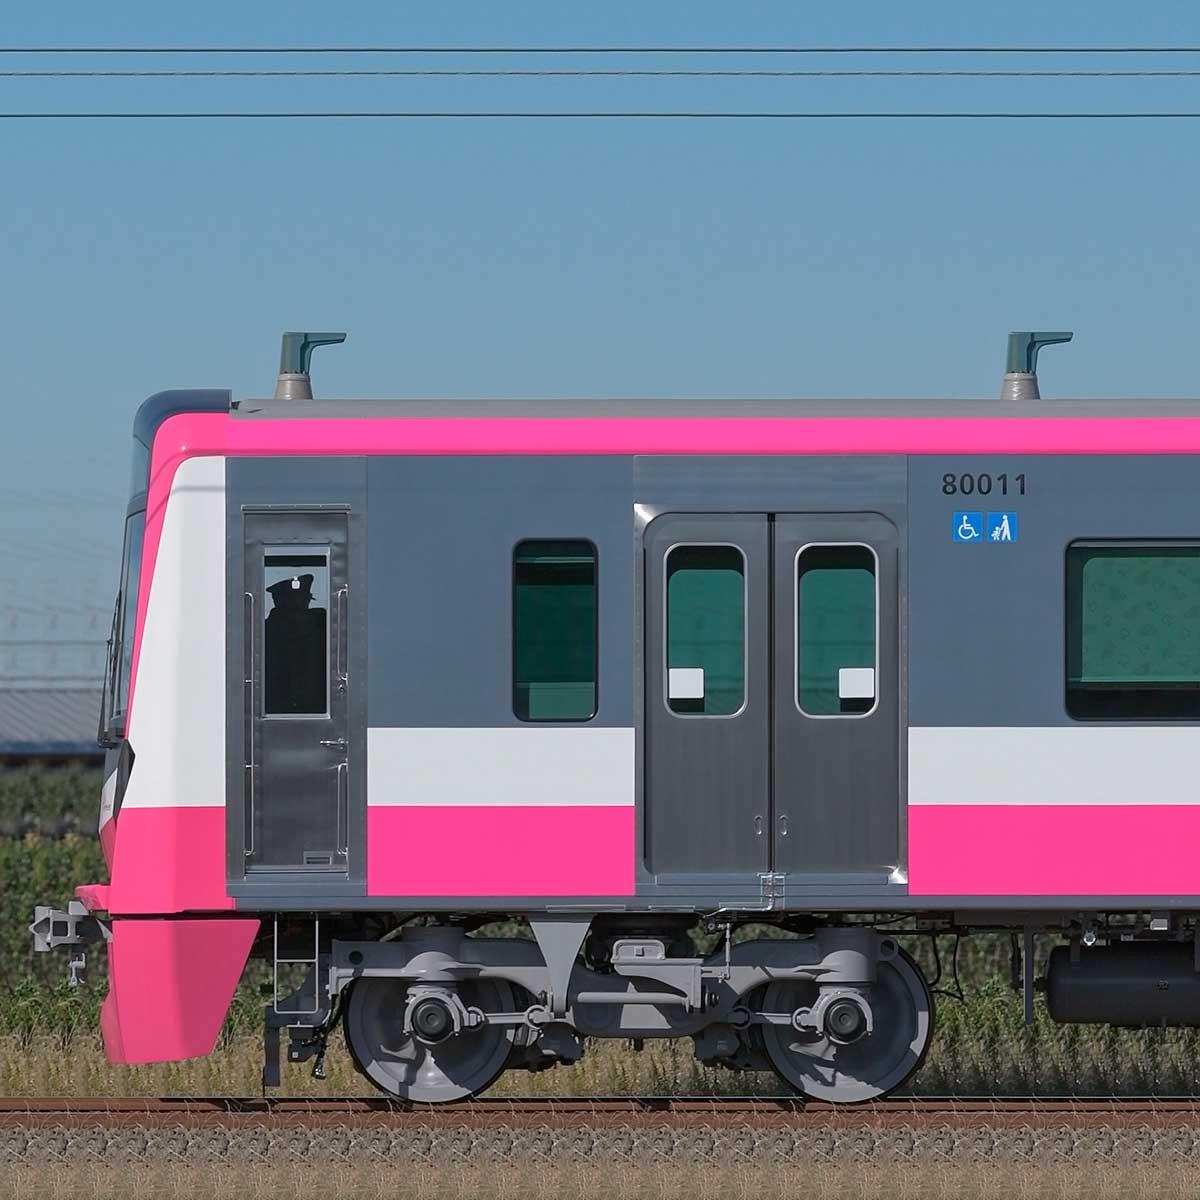 新京成電鉄|RailFile.jp|鉄道車両サイドビューの図鑑